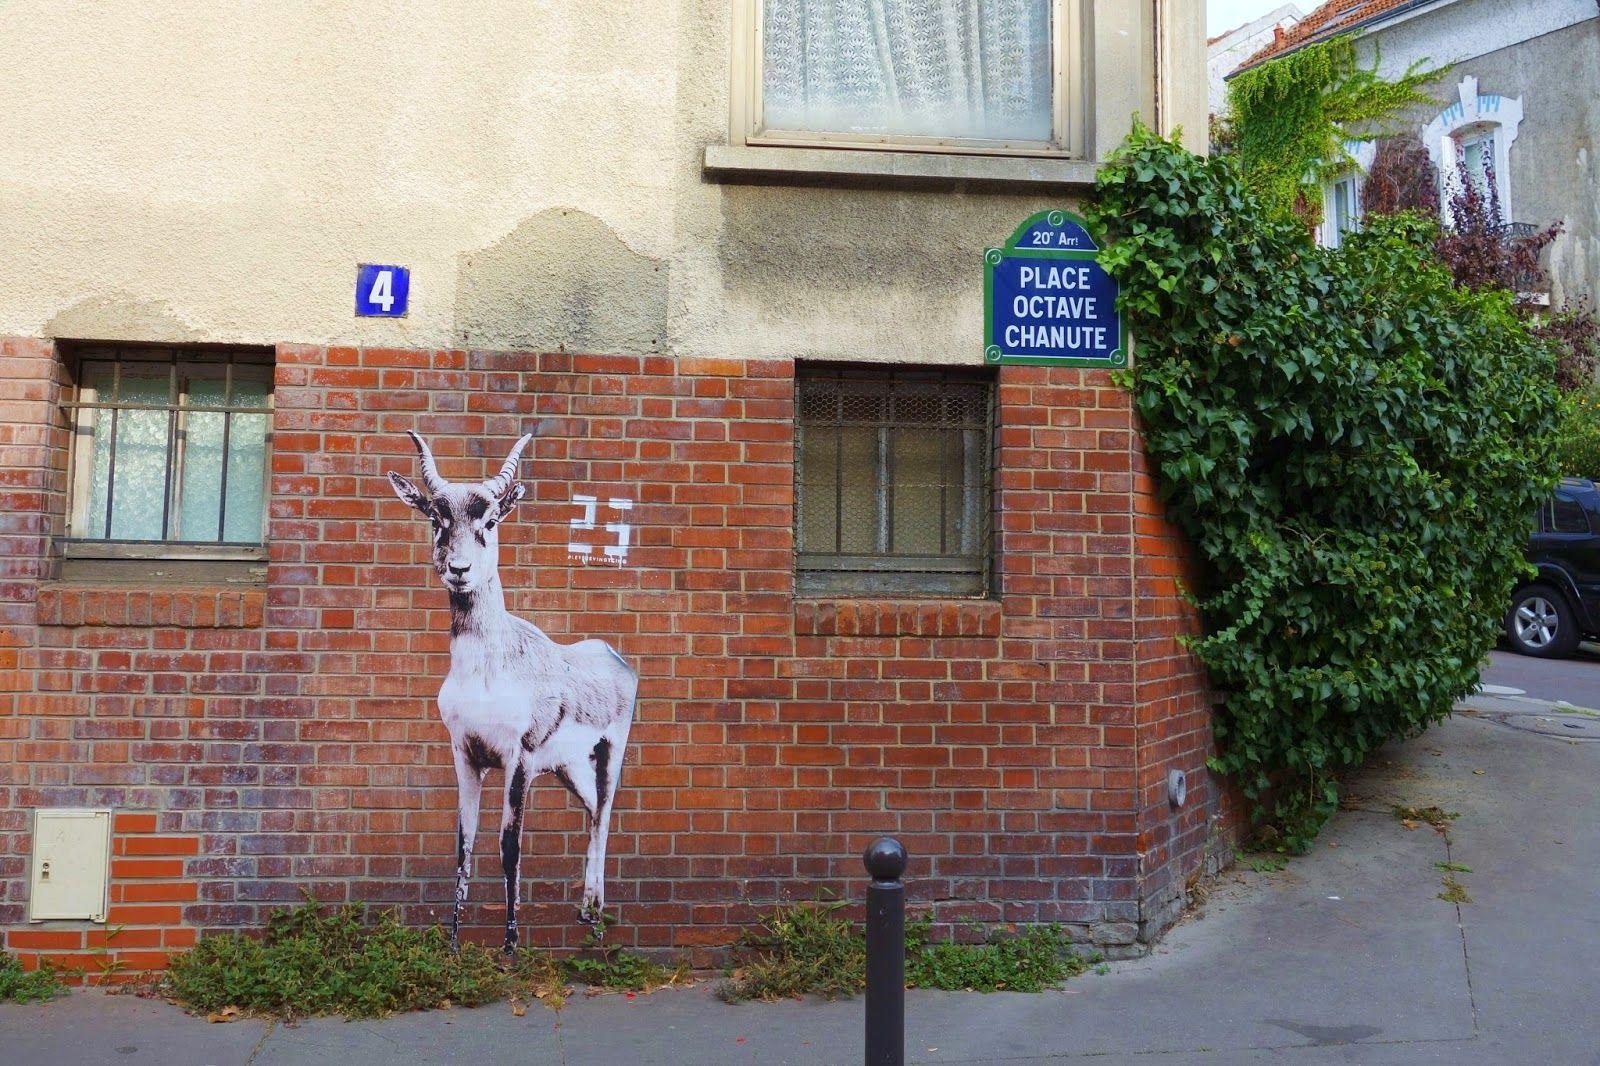 Sunday Street Art : Let's be vingt-cinq - place Octave Chanute - Paris 20   ParisianShoeGals